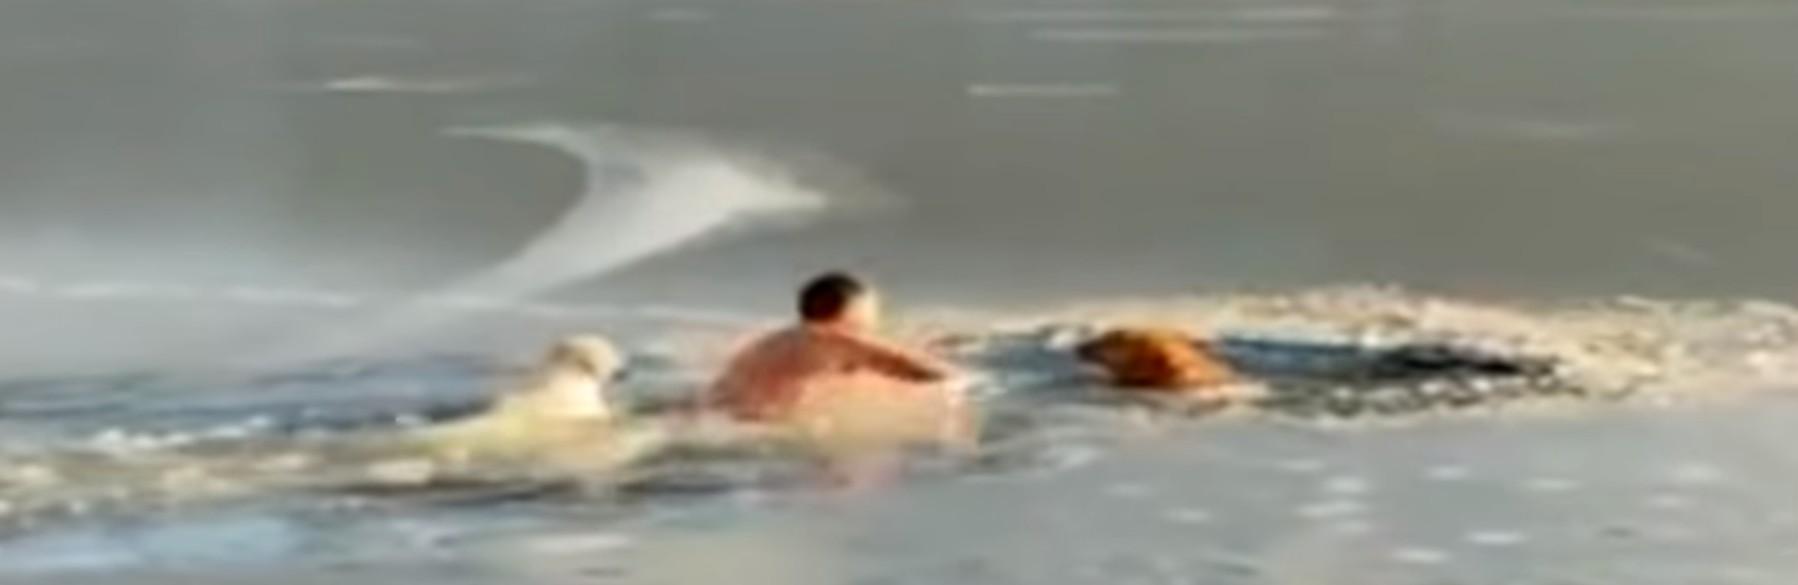 (左圖)尤里耶夫看到狗狗跌入結冰的湖中,馬上脫去衣服,走入湖中救狗,他的愛犬Kira也緊隨其後。(影片截圖)